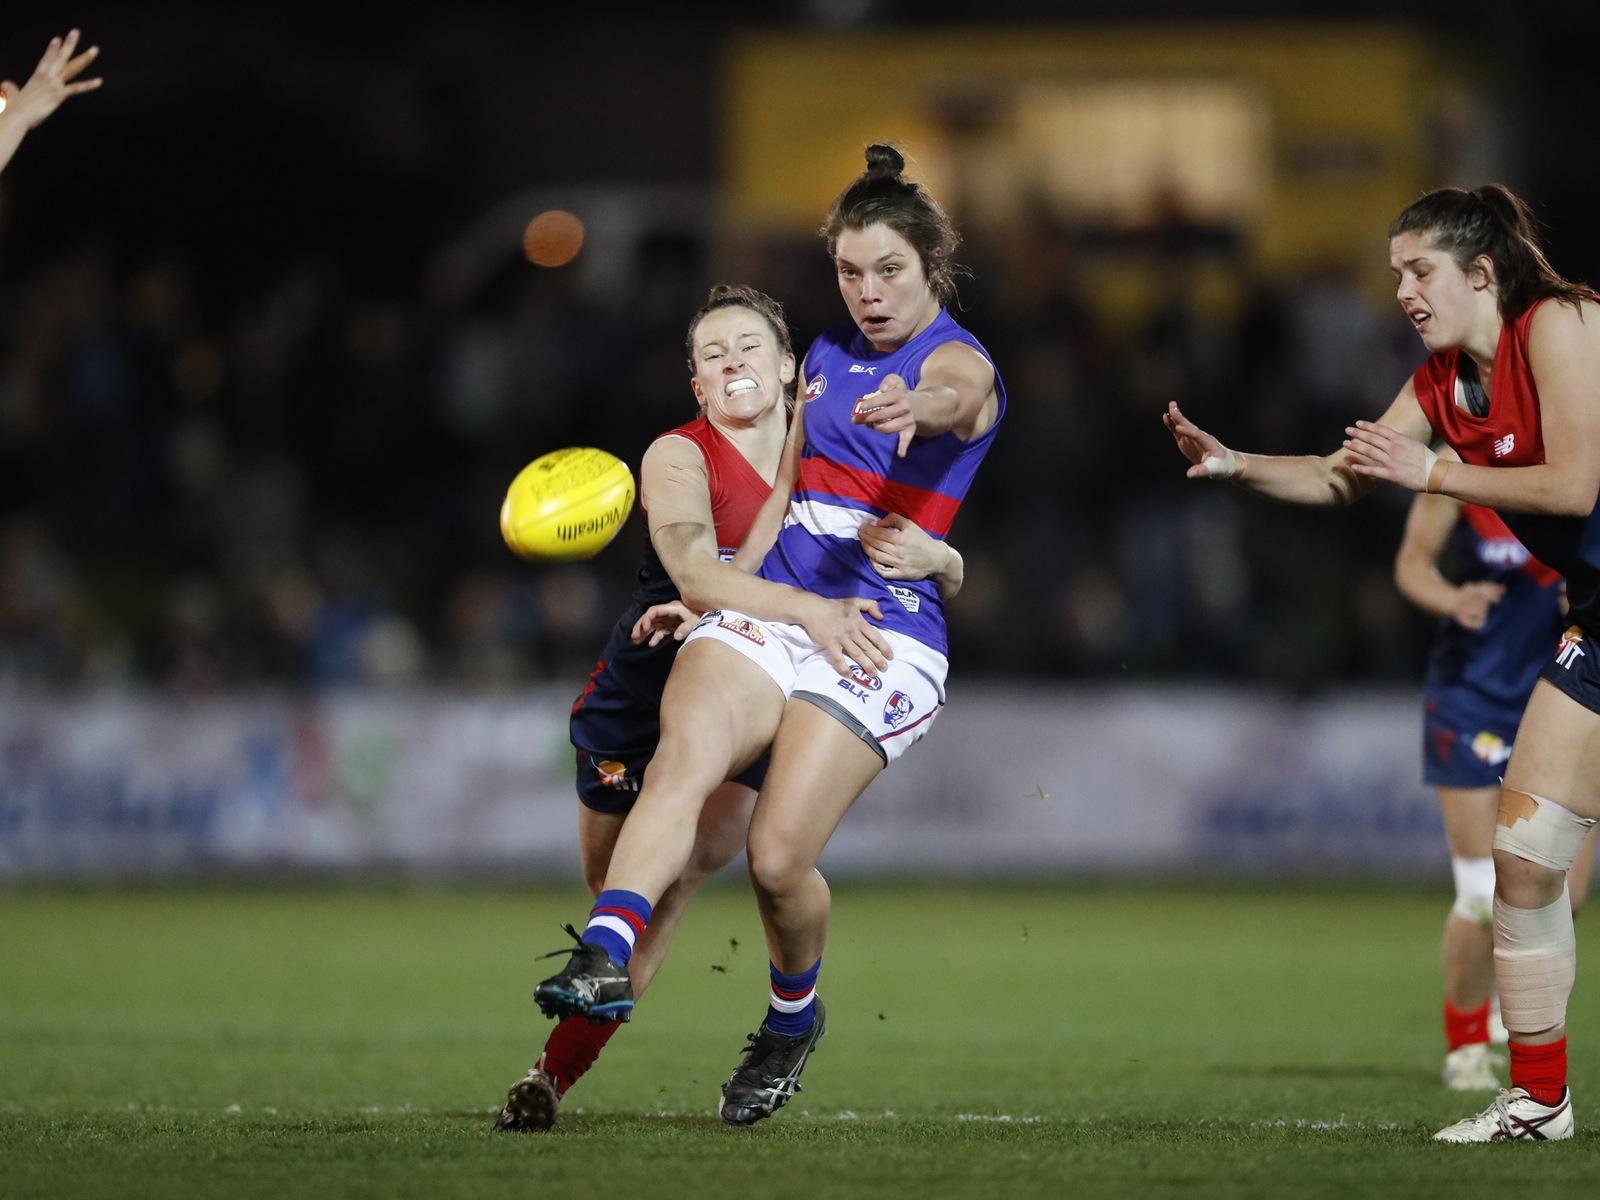 Western Bulldogs vs. Melbourne exhibition match. Kick under pressure.